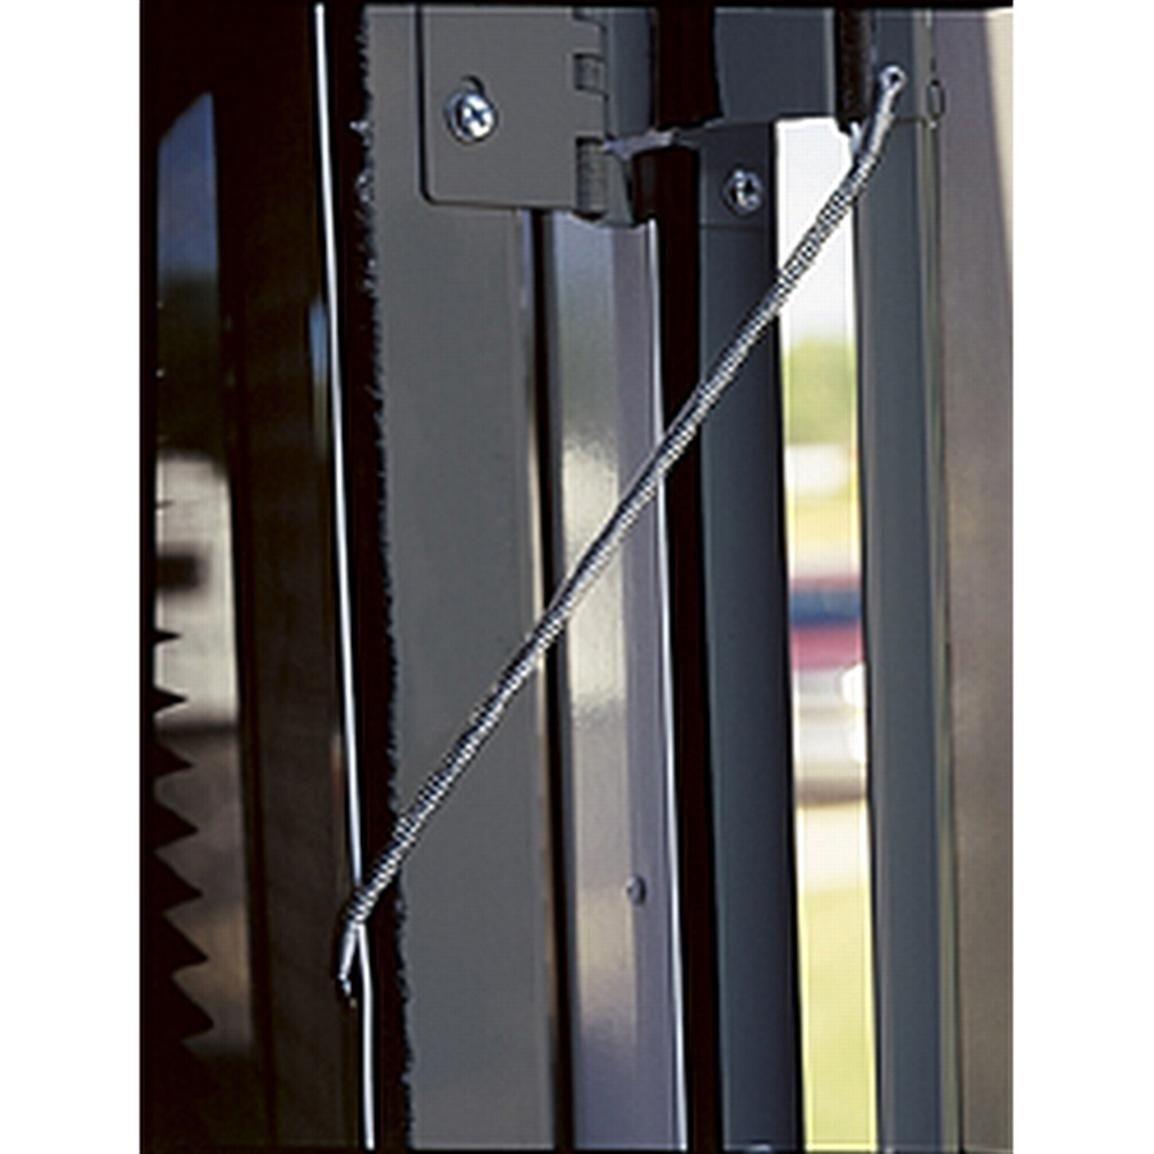 Screen Door Closers Adjustments Httpthefallguyediting